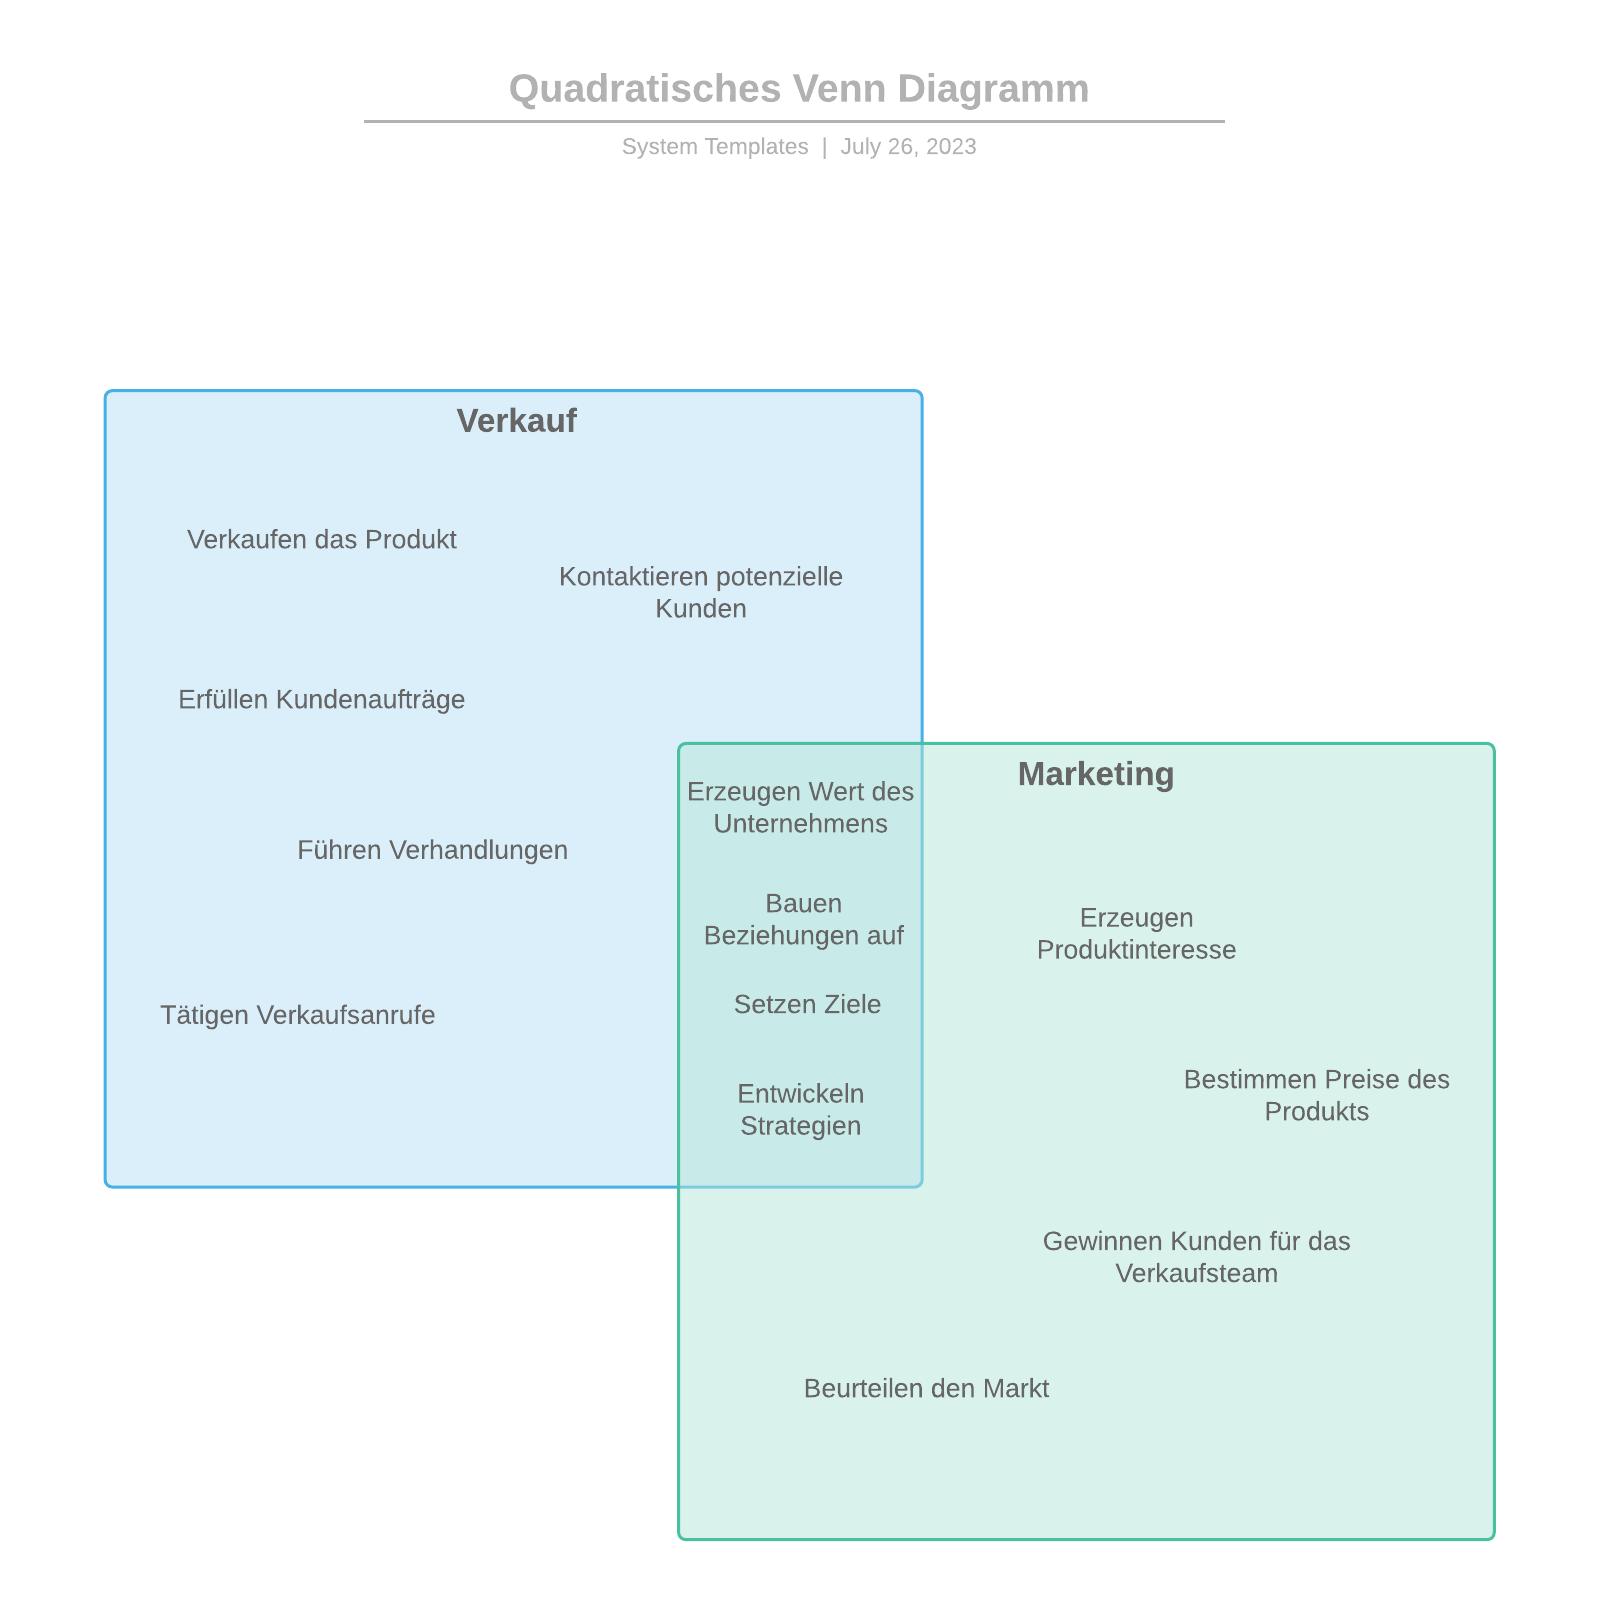 Quadratisches Venn Diagramm Beispiel